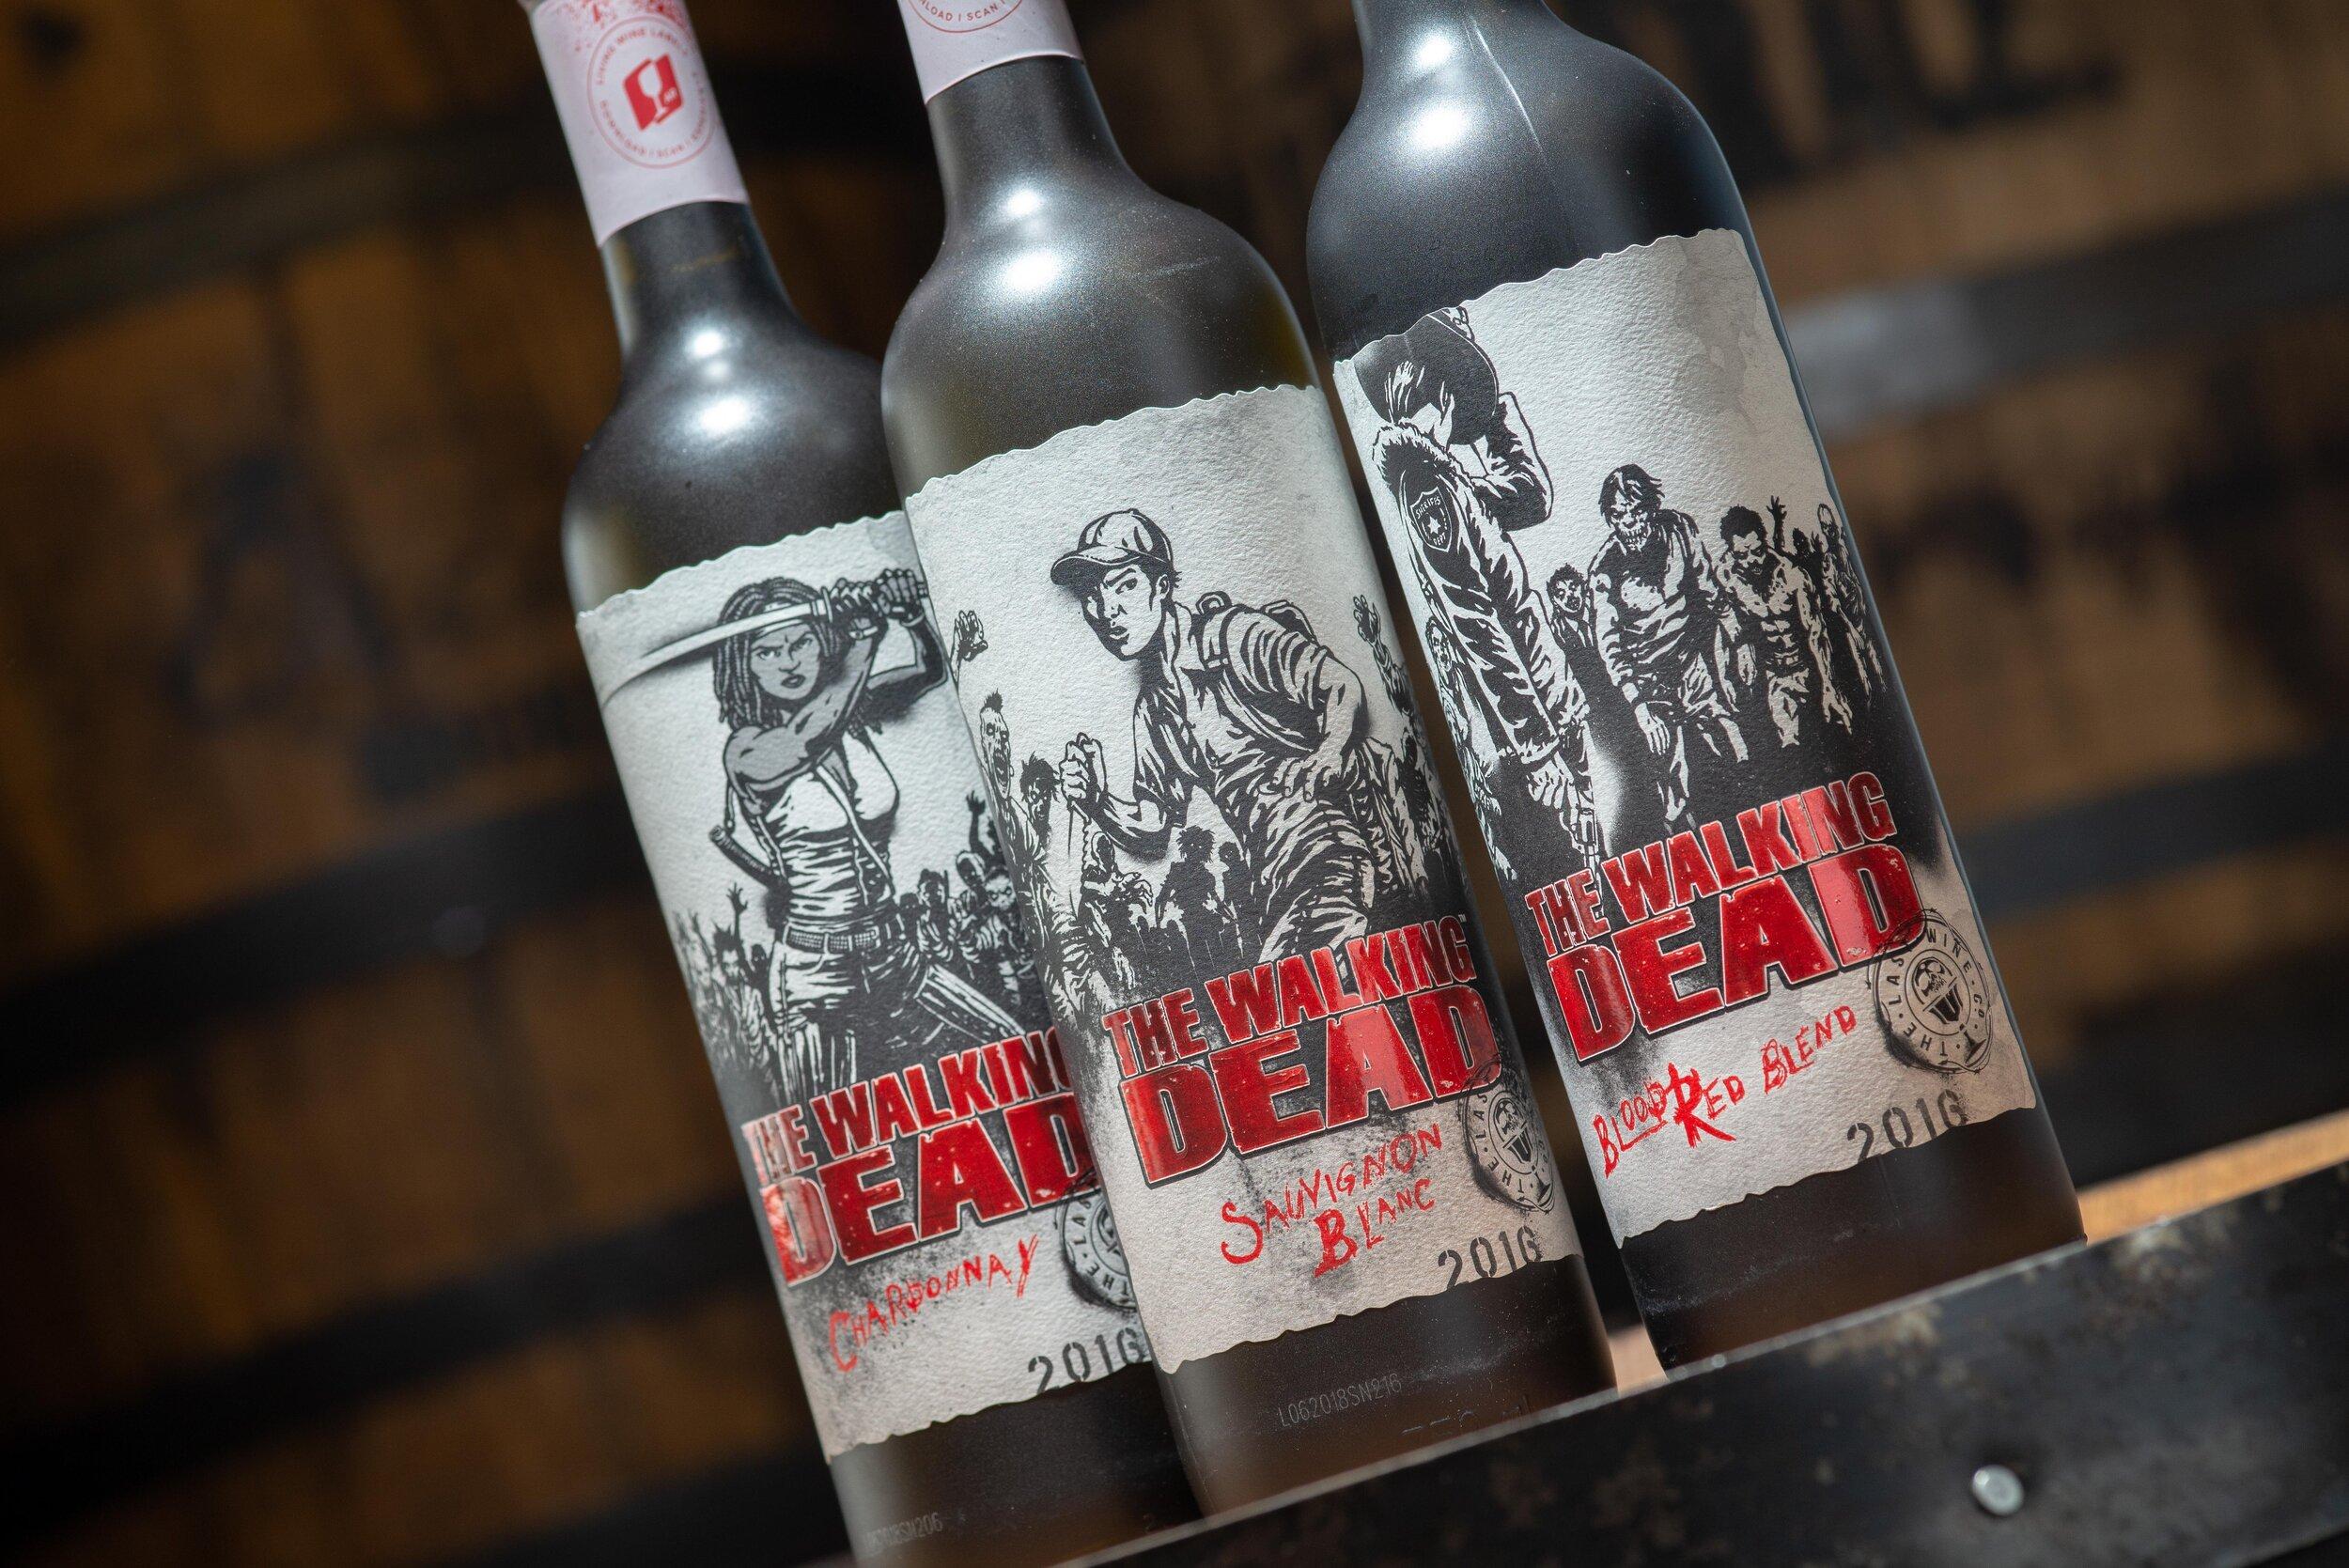 the-walking-dead-wines.jpg